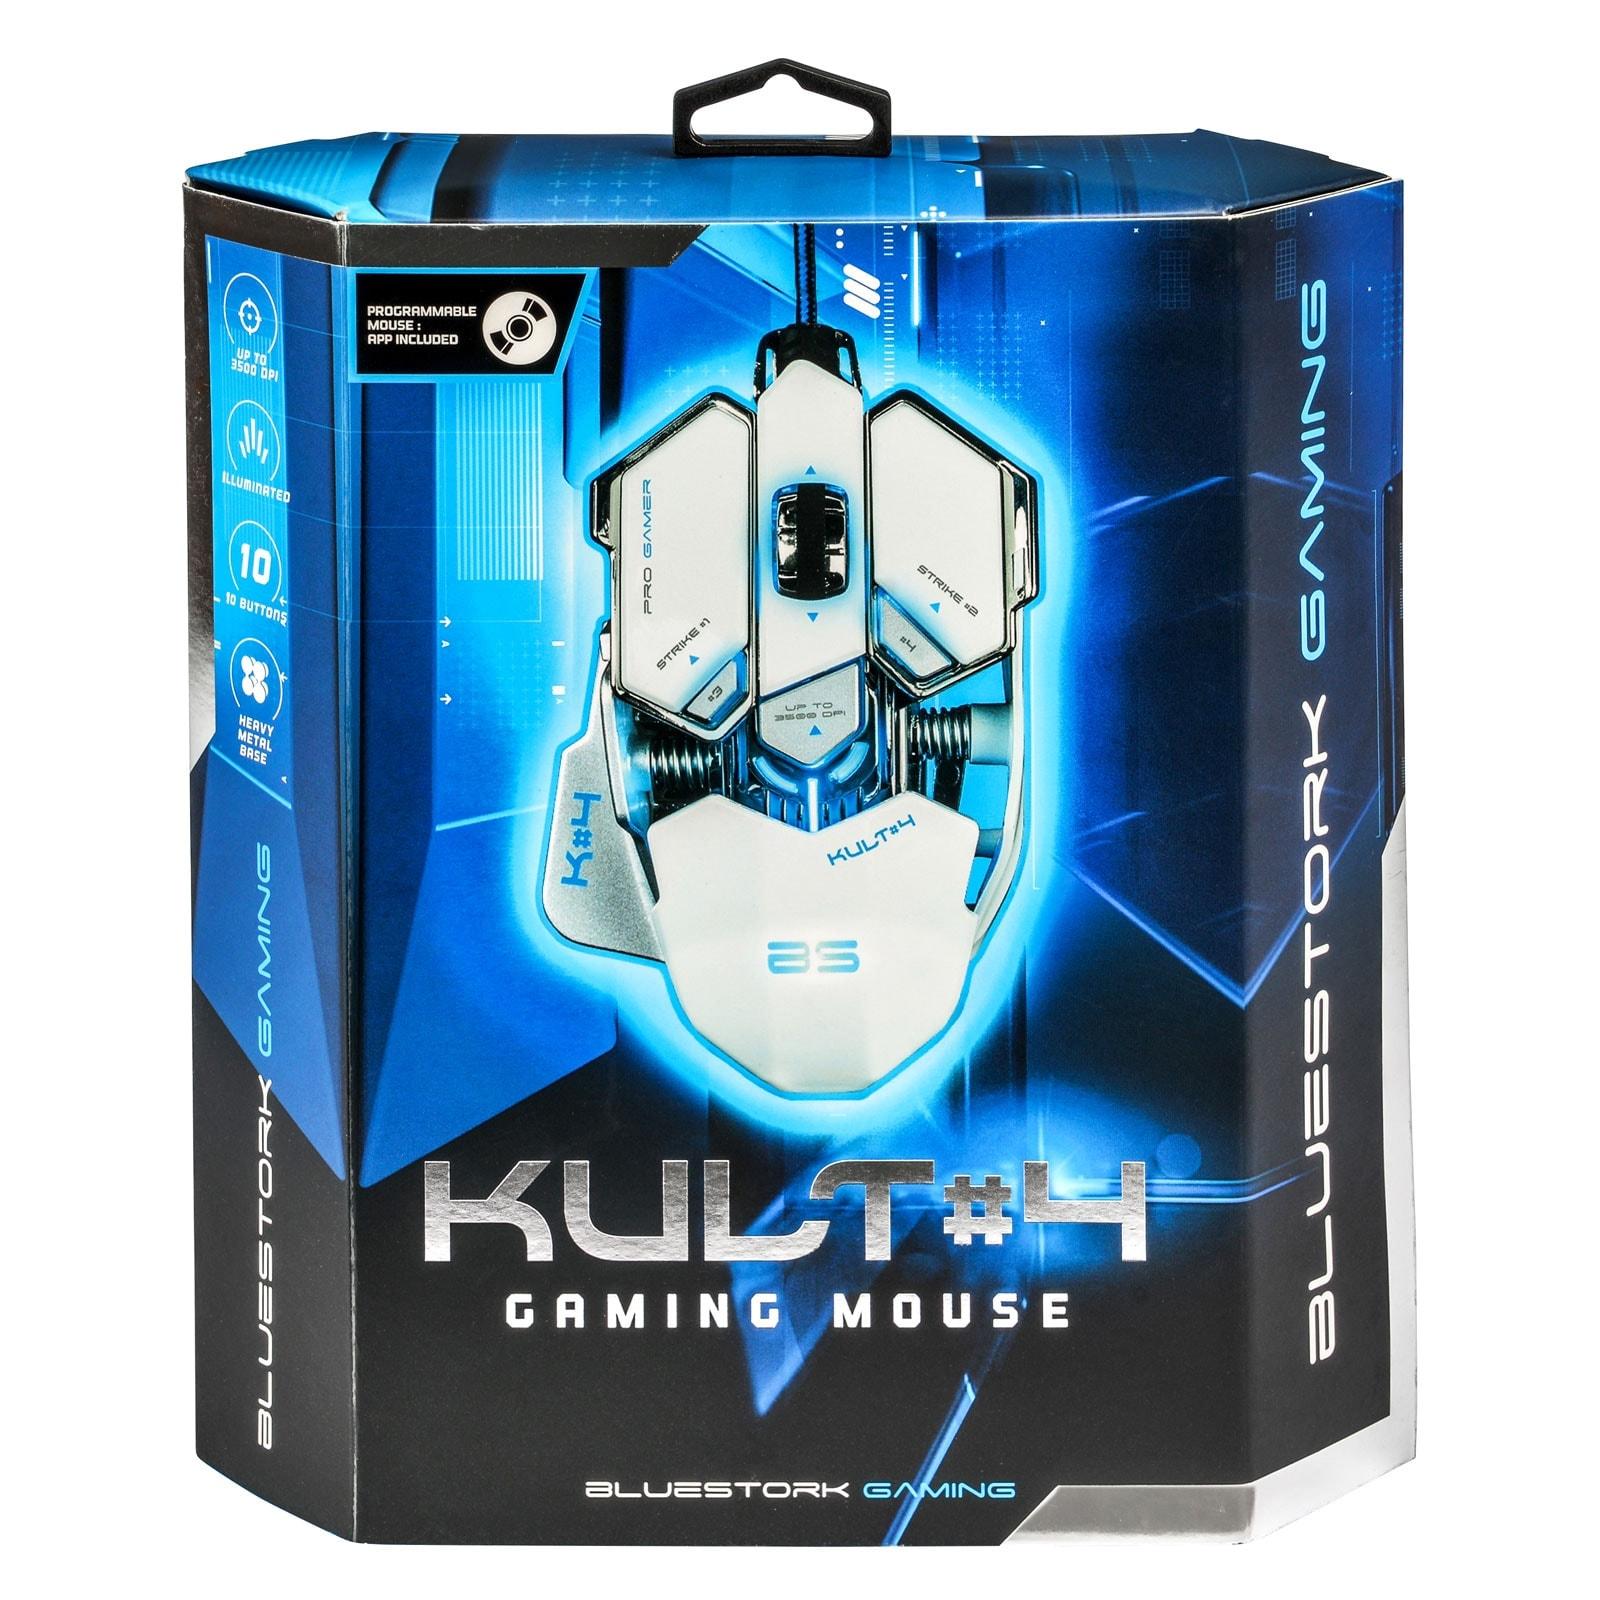 Bluestork KULT 4 WHITE ED. 3500dpi/Rétroéclairé/10 boutons (BS-GM-KULT4/W) - Achat / Vente Souris PC sur Cybertek.fr - 4